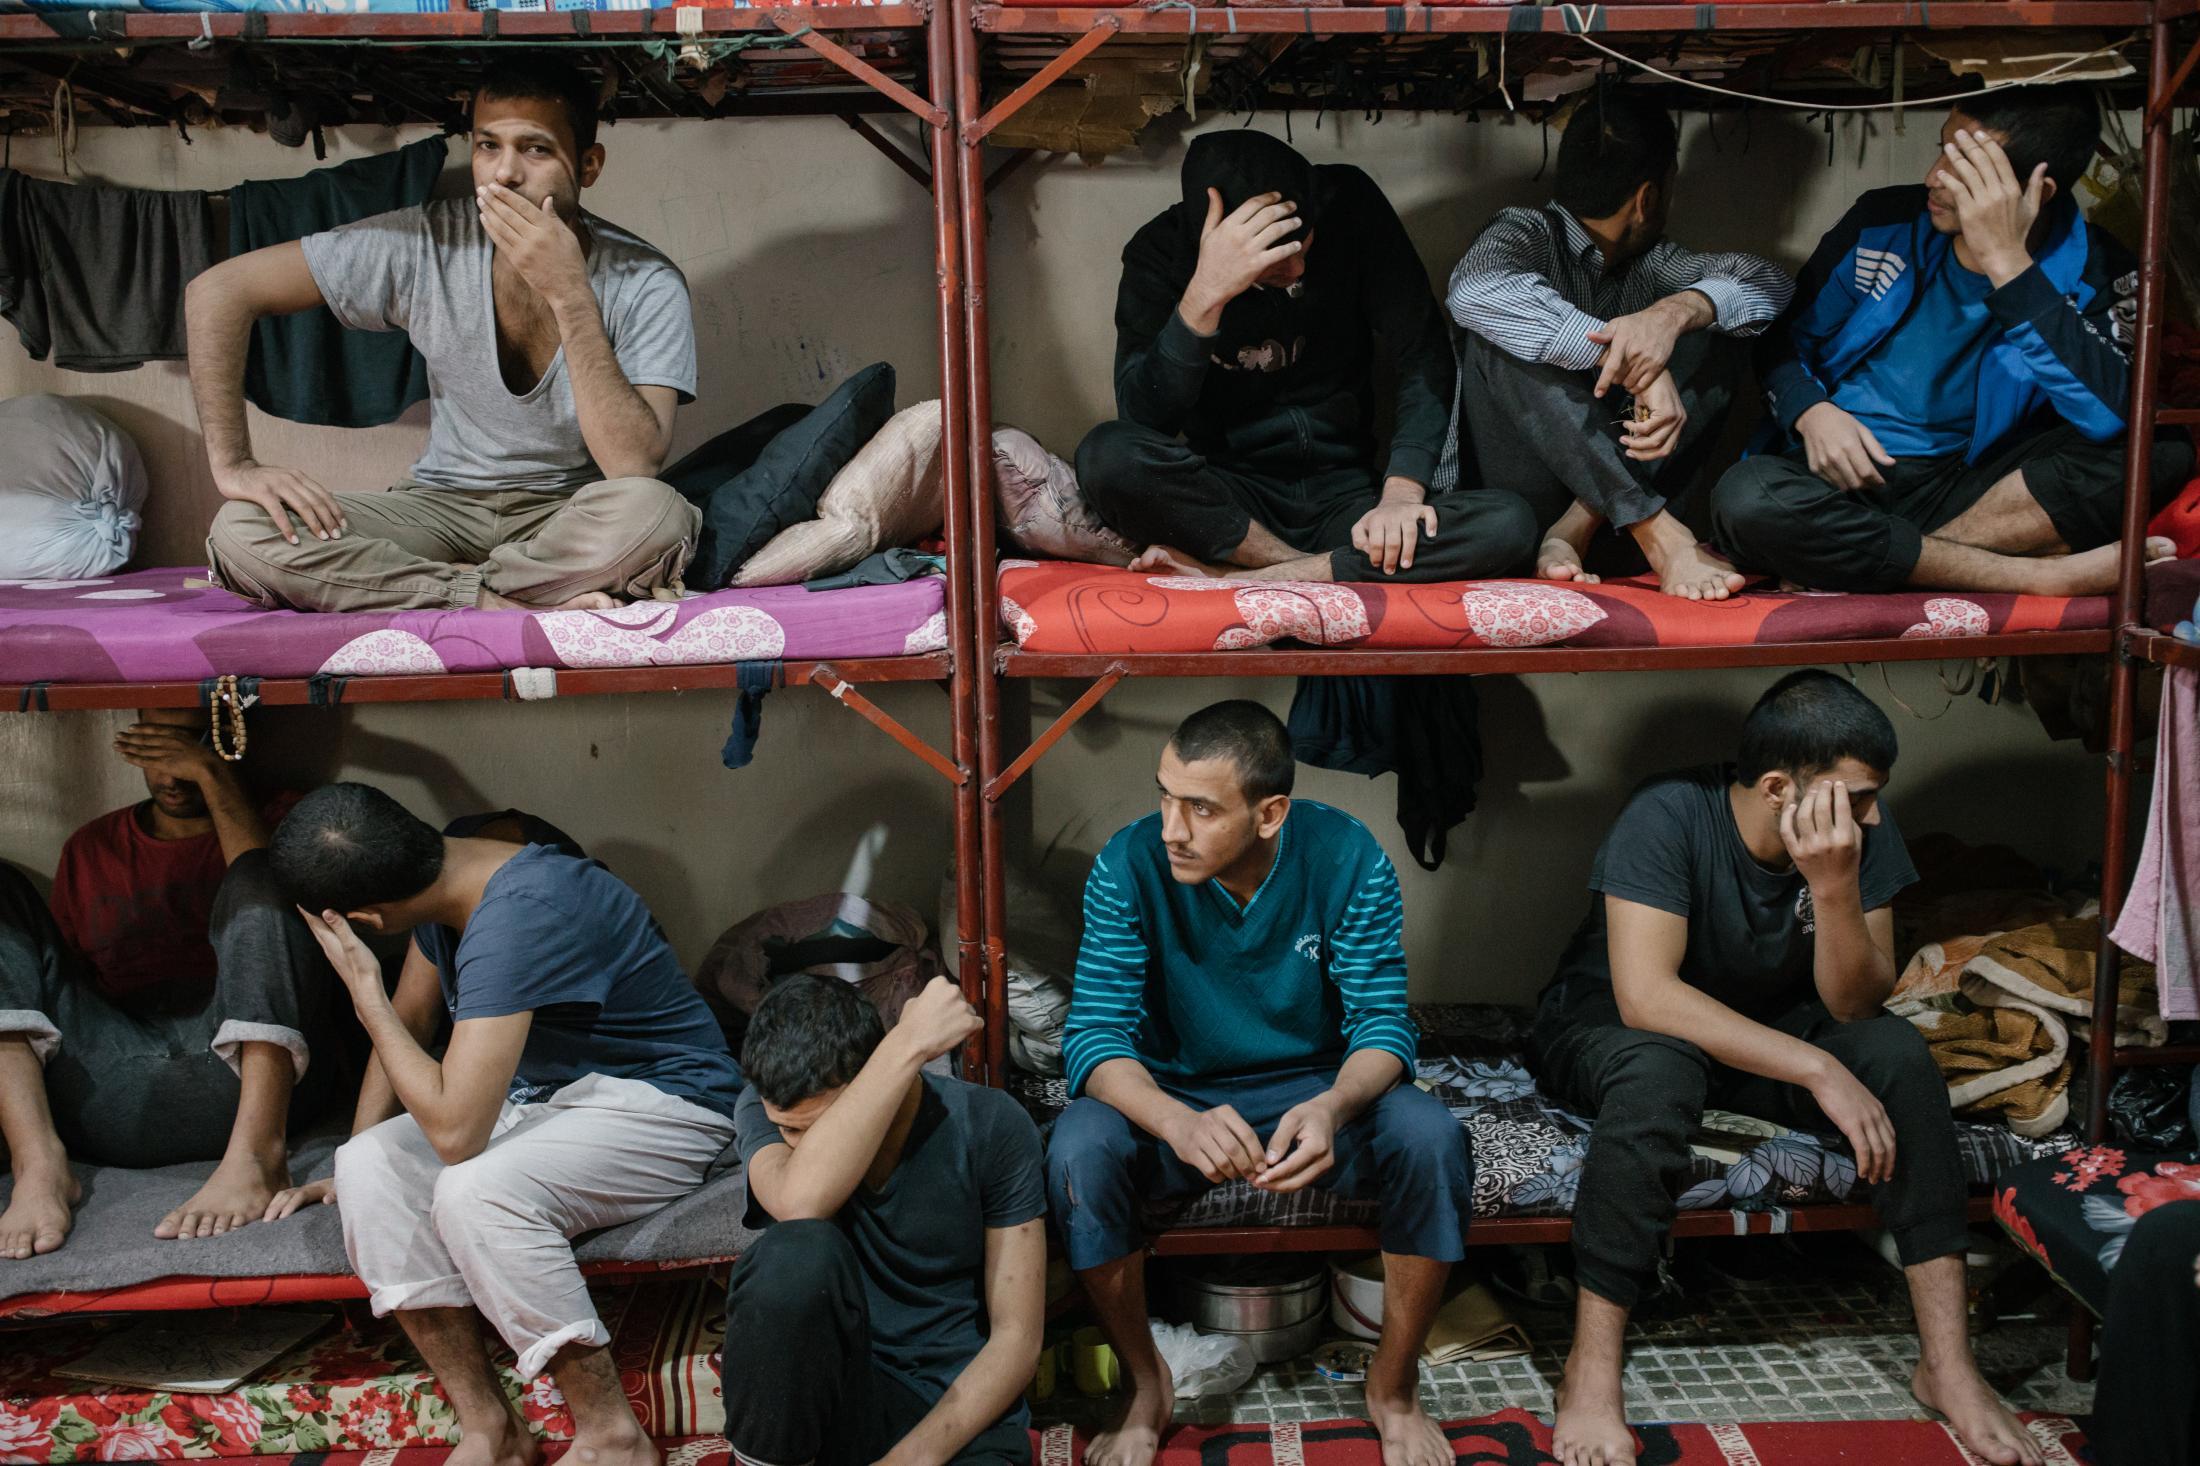 Le 28 octobre 2019. Prison où des membres suspectés d'appartenir à l'Etat islamqiue sont détenus. Dans cette cellule, une trentaine de détenus d'origine pour la plus part irakienne ou syrienne.